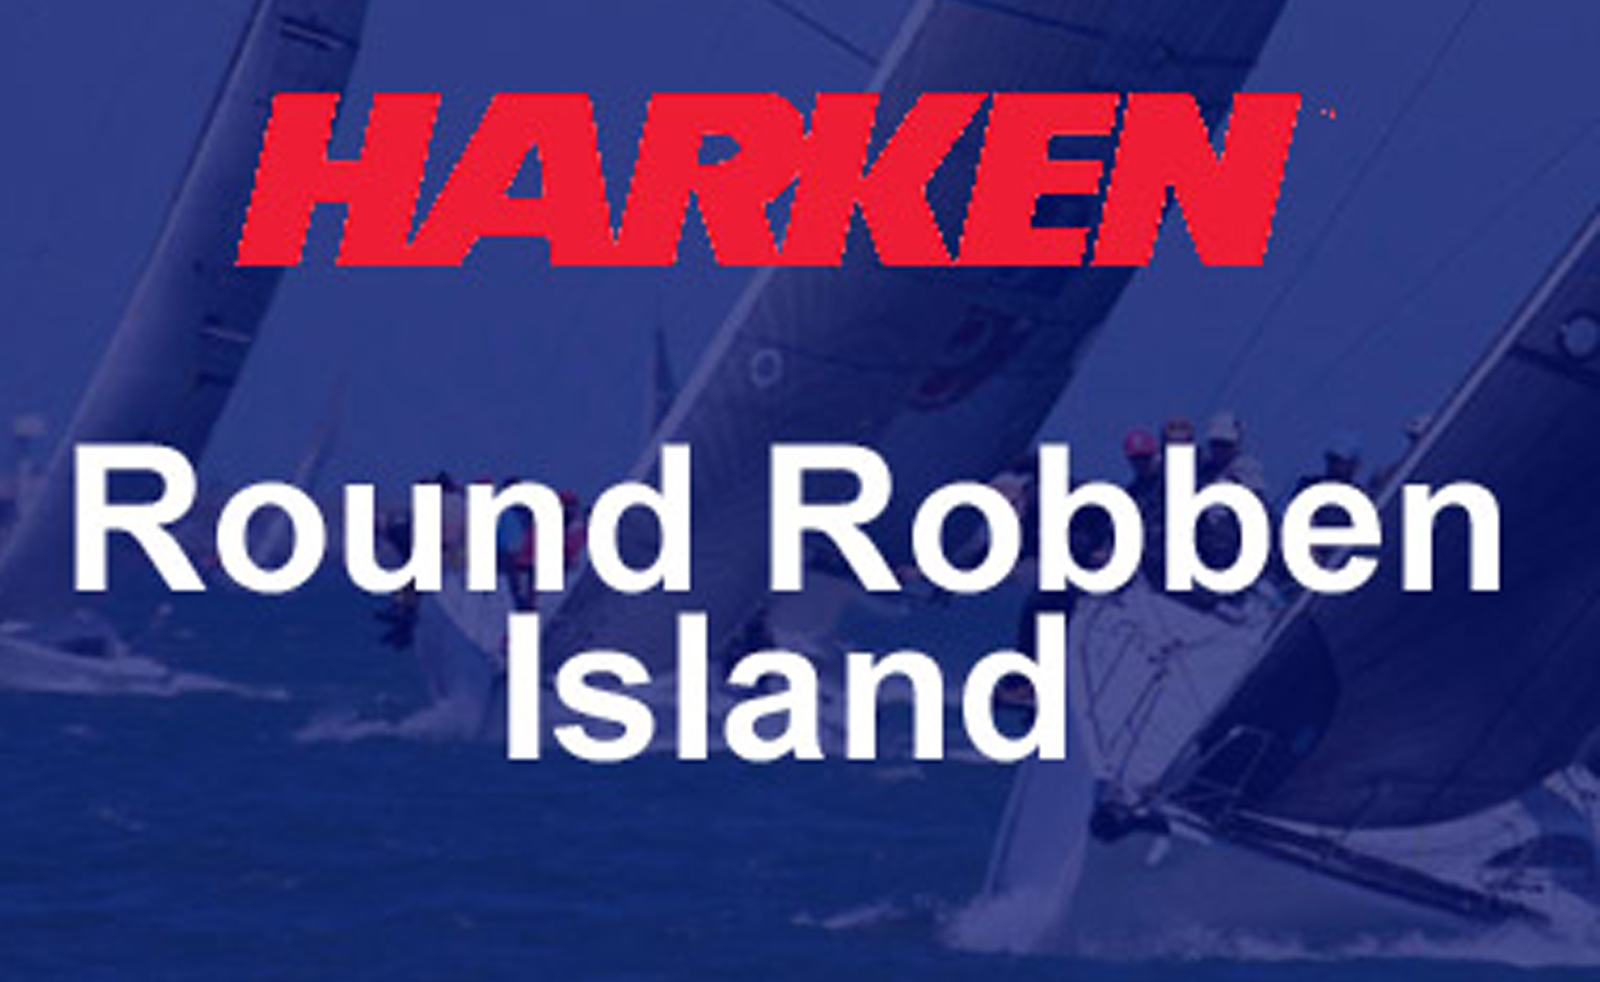 Harken Round Robben Island Jan 17